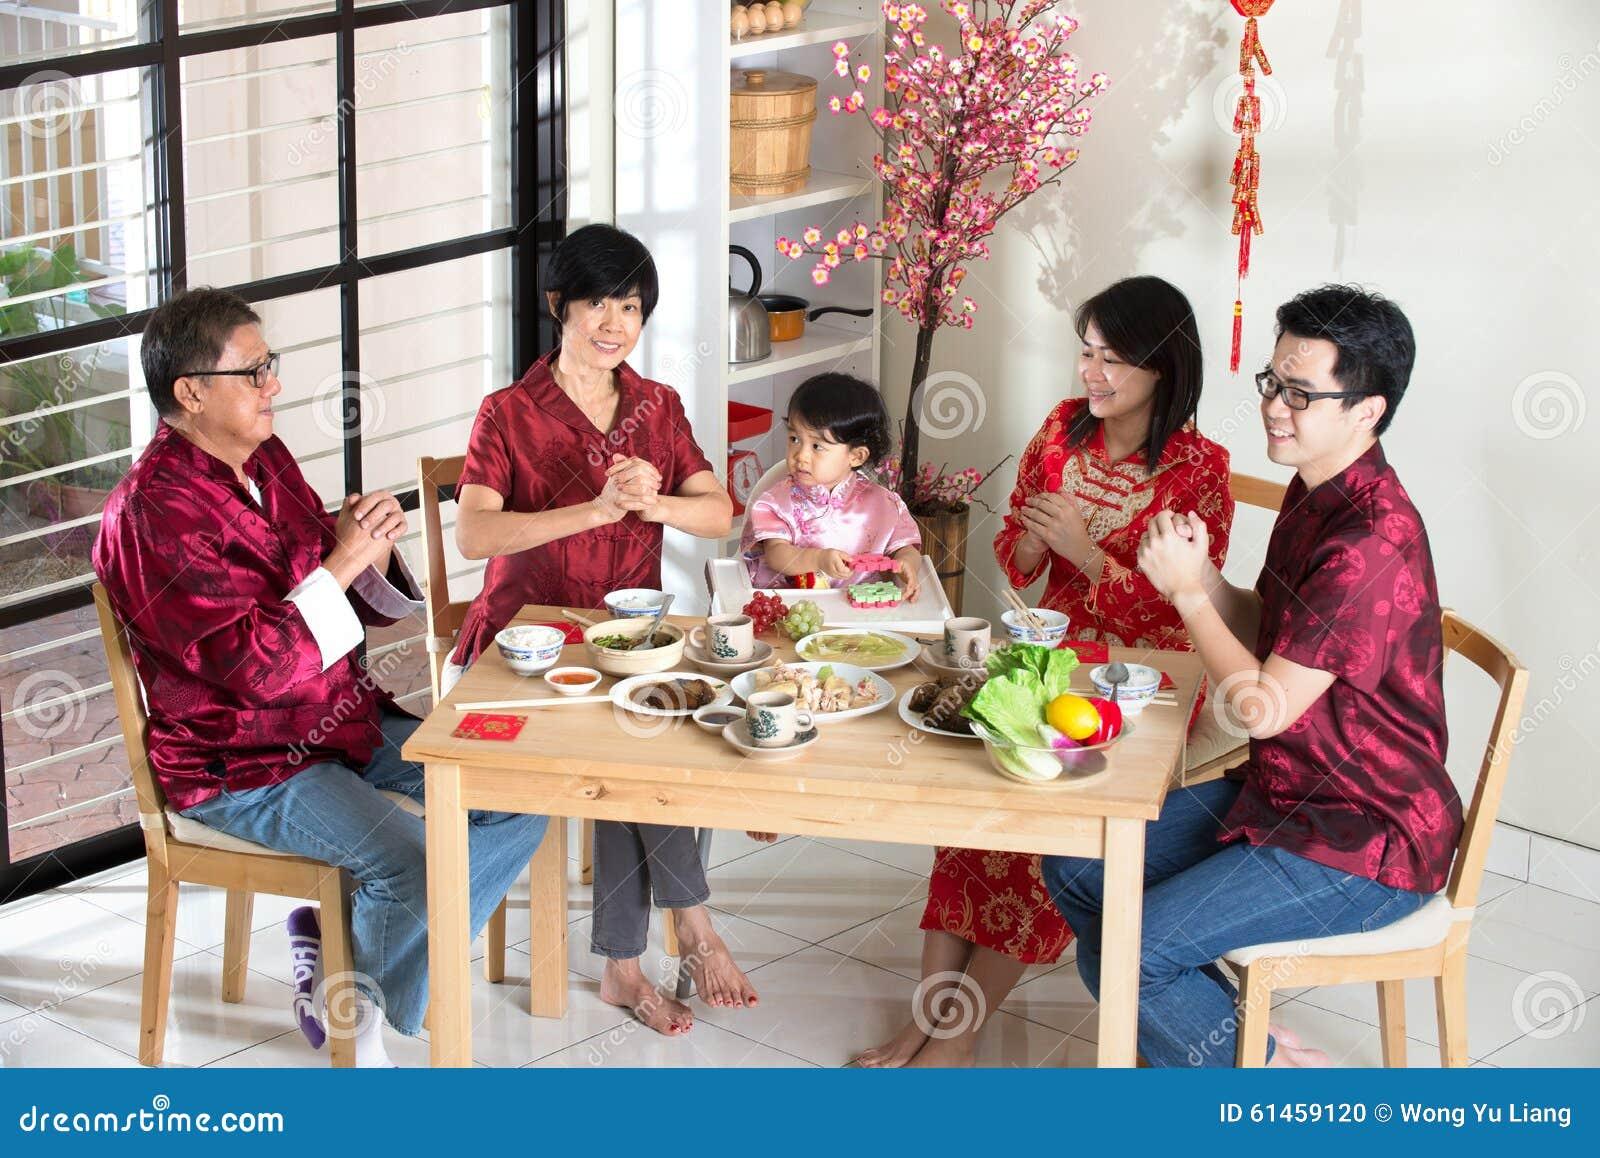 Chinesische Familie, Die Grüße Gibt Stockfoto - Bild von vater ...